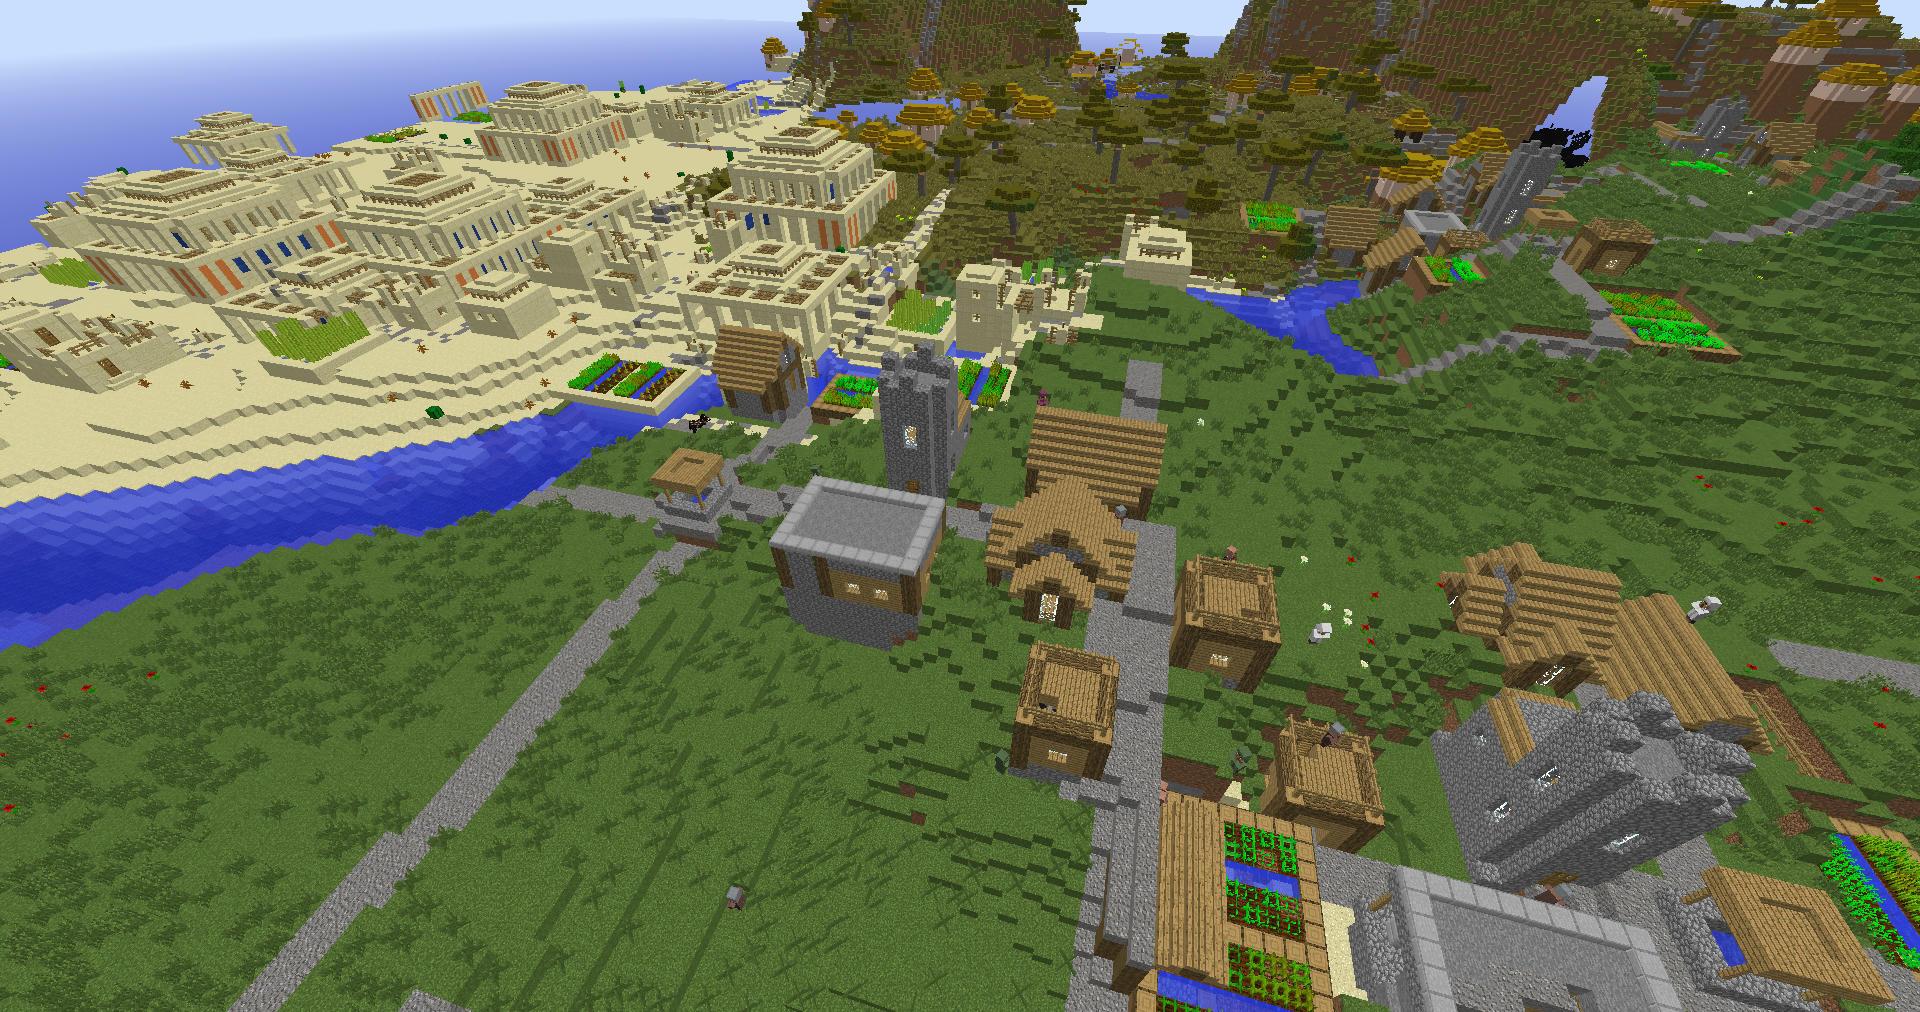 Скачать карту Diversity 1,2 для Minecraft бесплатно » Всё ...